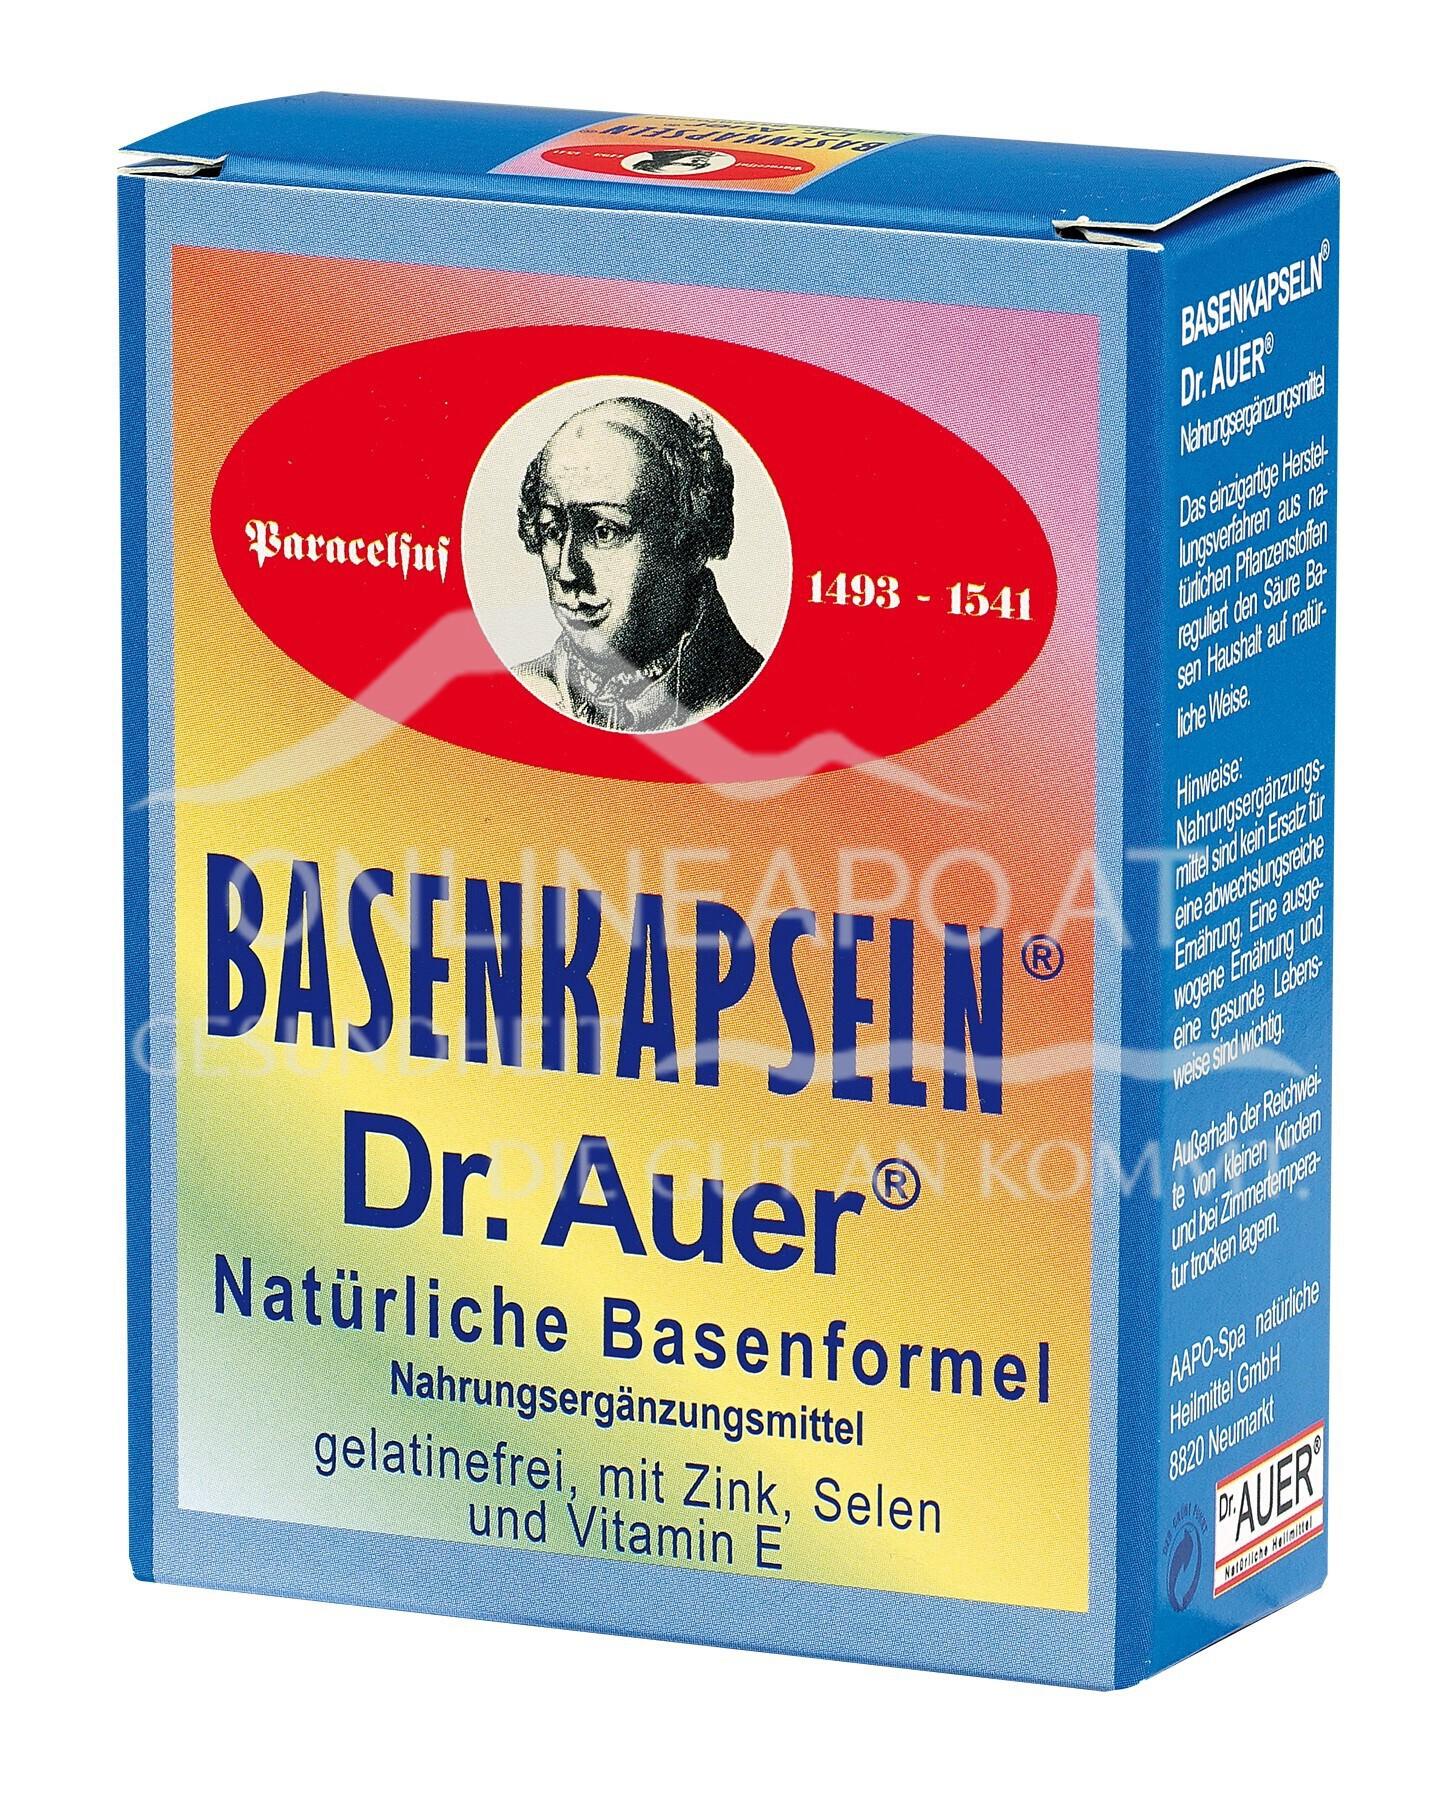 BASENKAPSELN Dr. Auer®